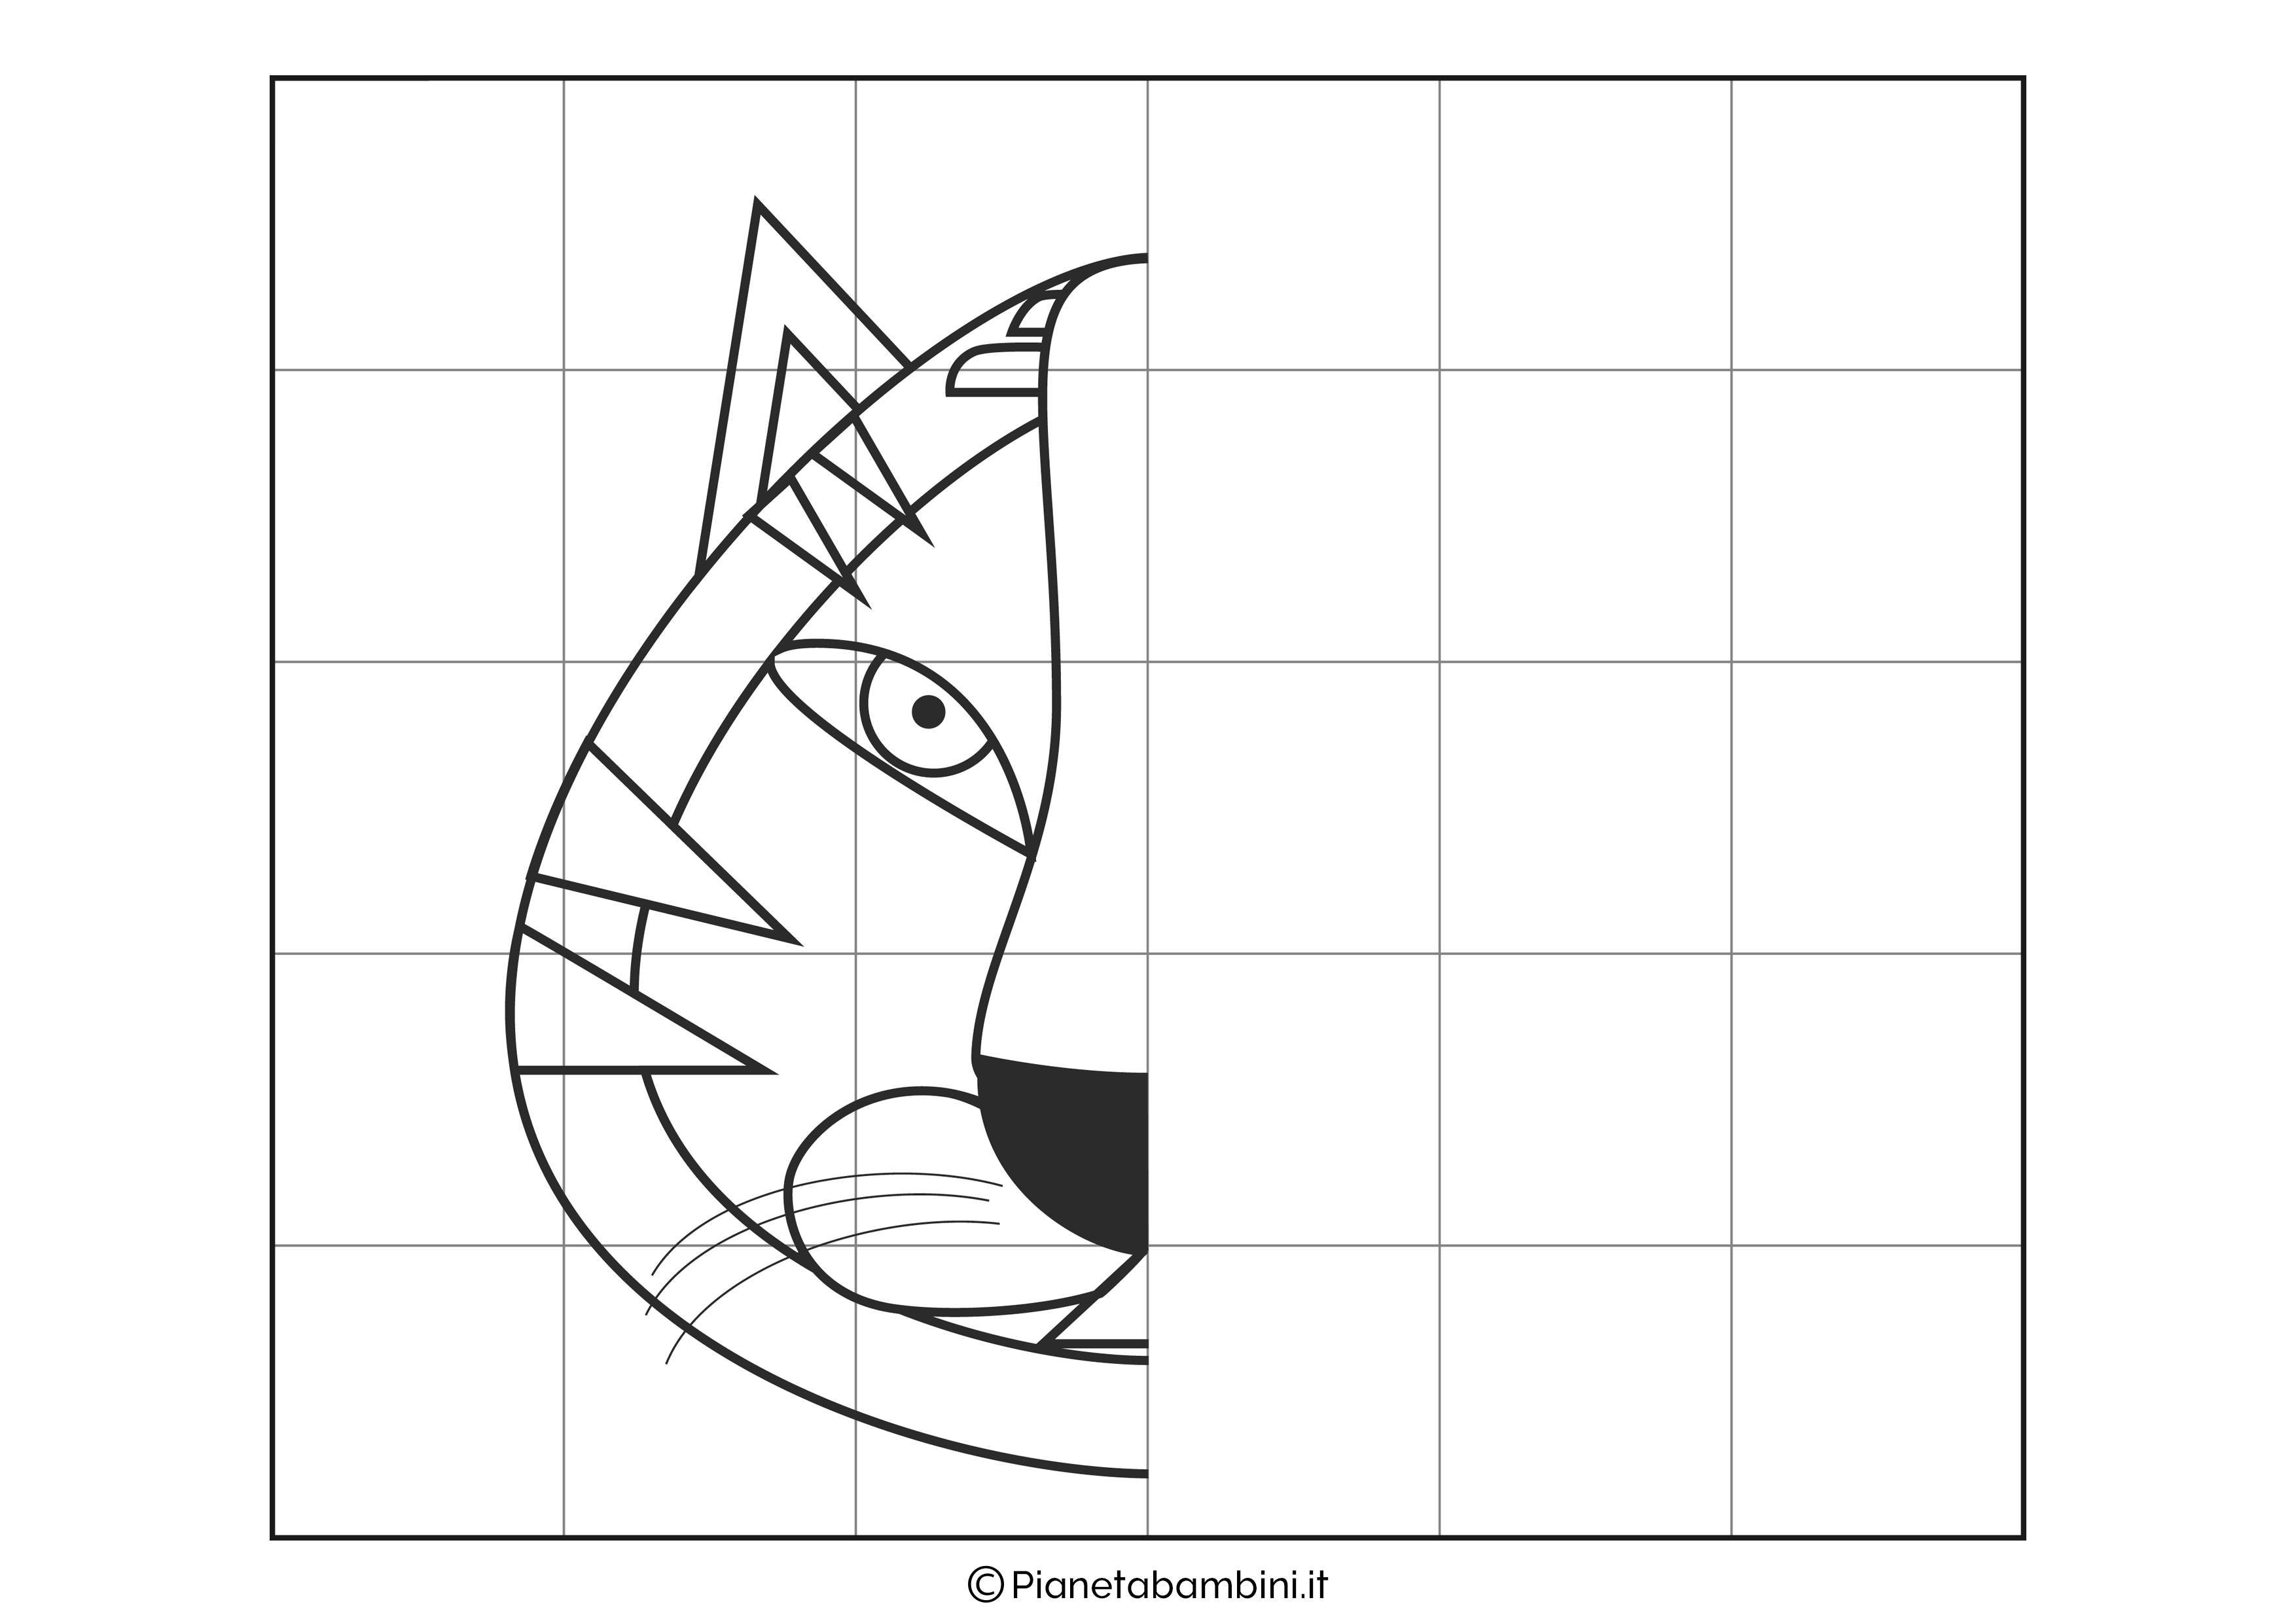 Disegno simmetrico sulla tigre da completare